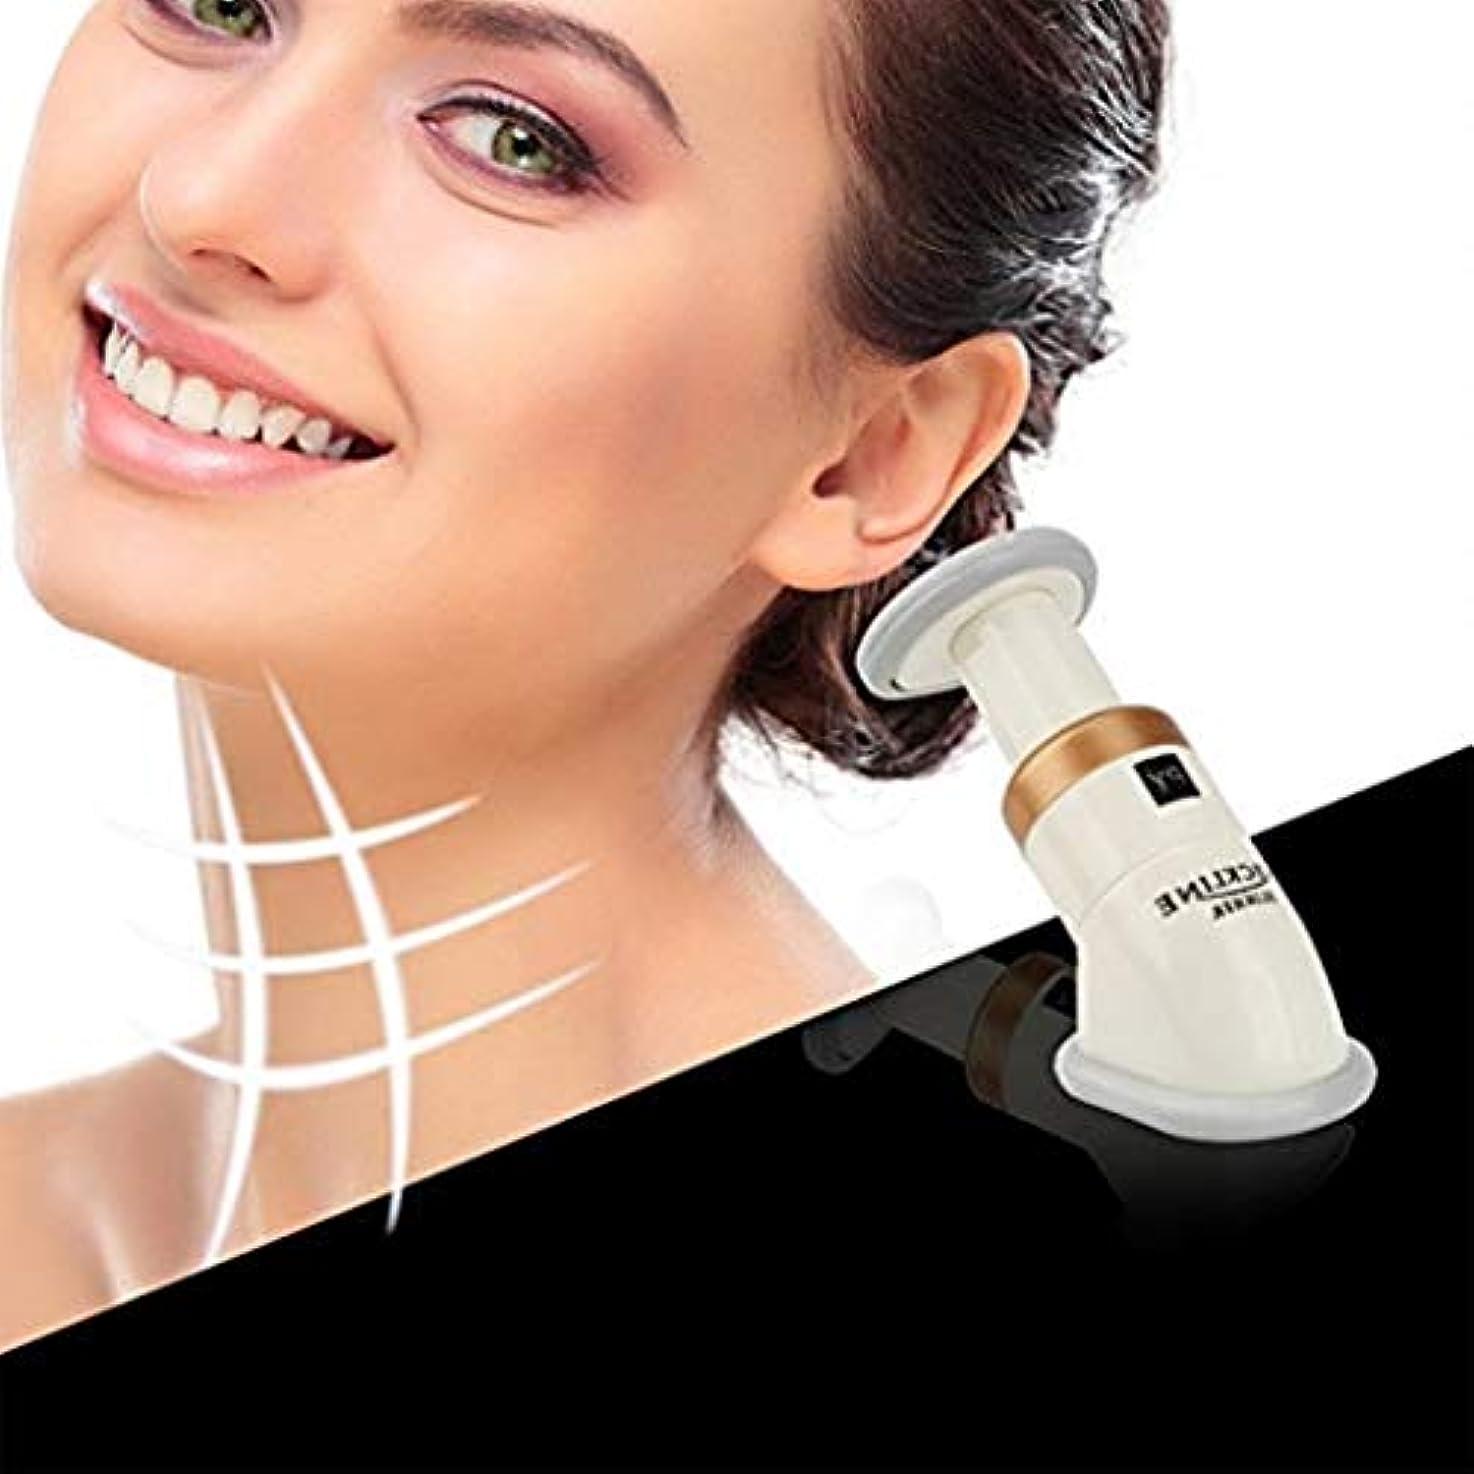 モナリザエクスタシー部門ダブルチン美容デバイスに行きます美容マッサージ絶妙な楽器フェイスリフト美容ツール薄いチン脂肪チンマッサージャー薄いチン